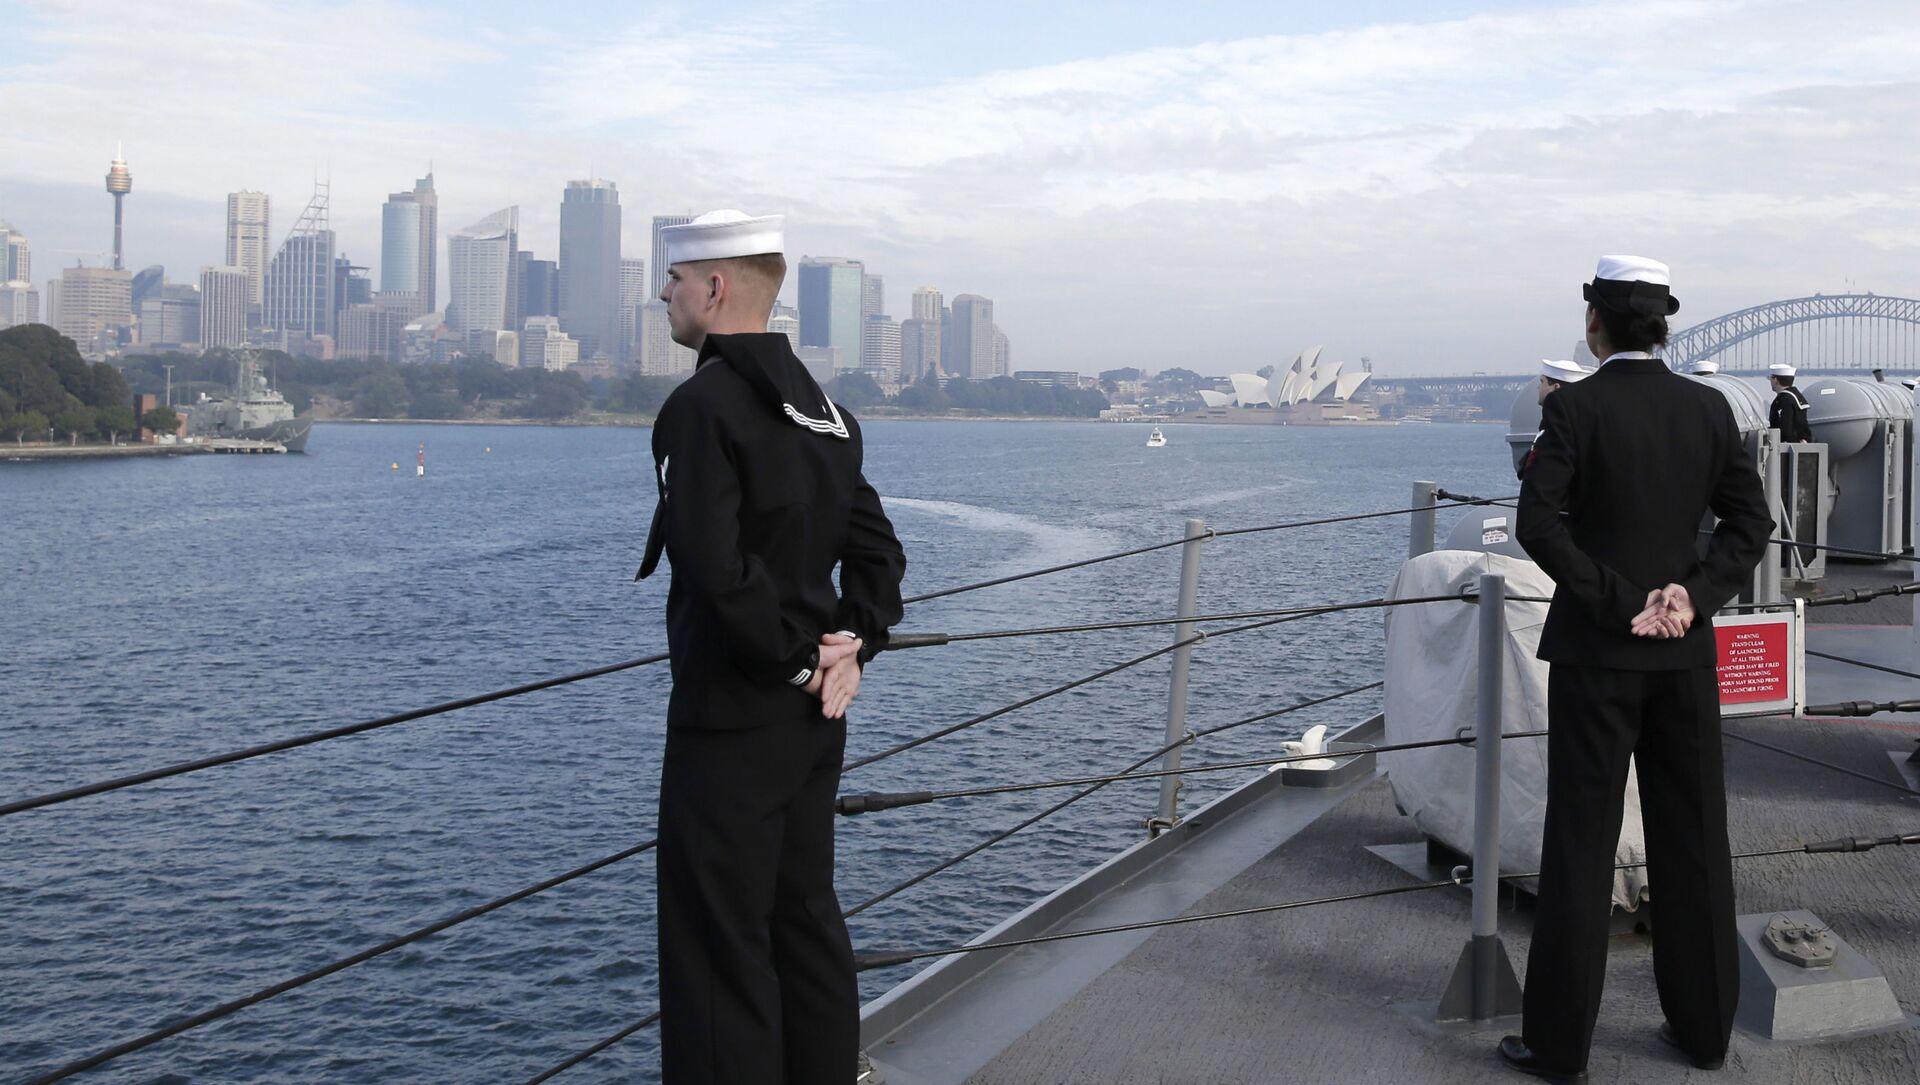 Cuộc tập trận chung hải quân mang tên Talisman Sabre do Australia và Mỹ tổ chức - Sputnik Việt Nam, 1920, 29.06.2021